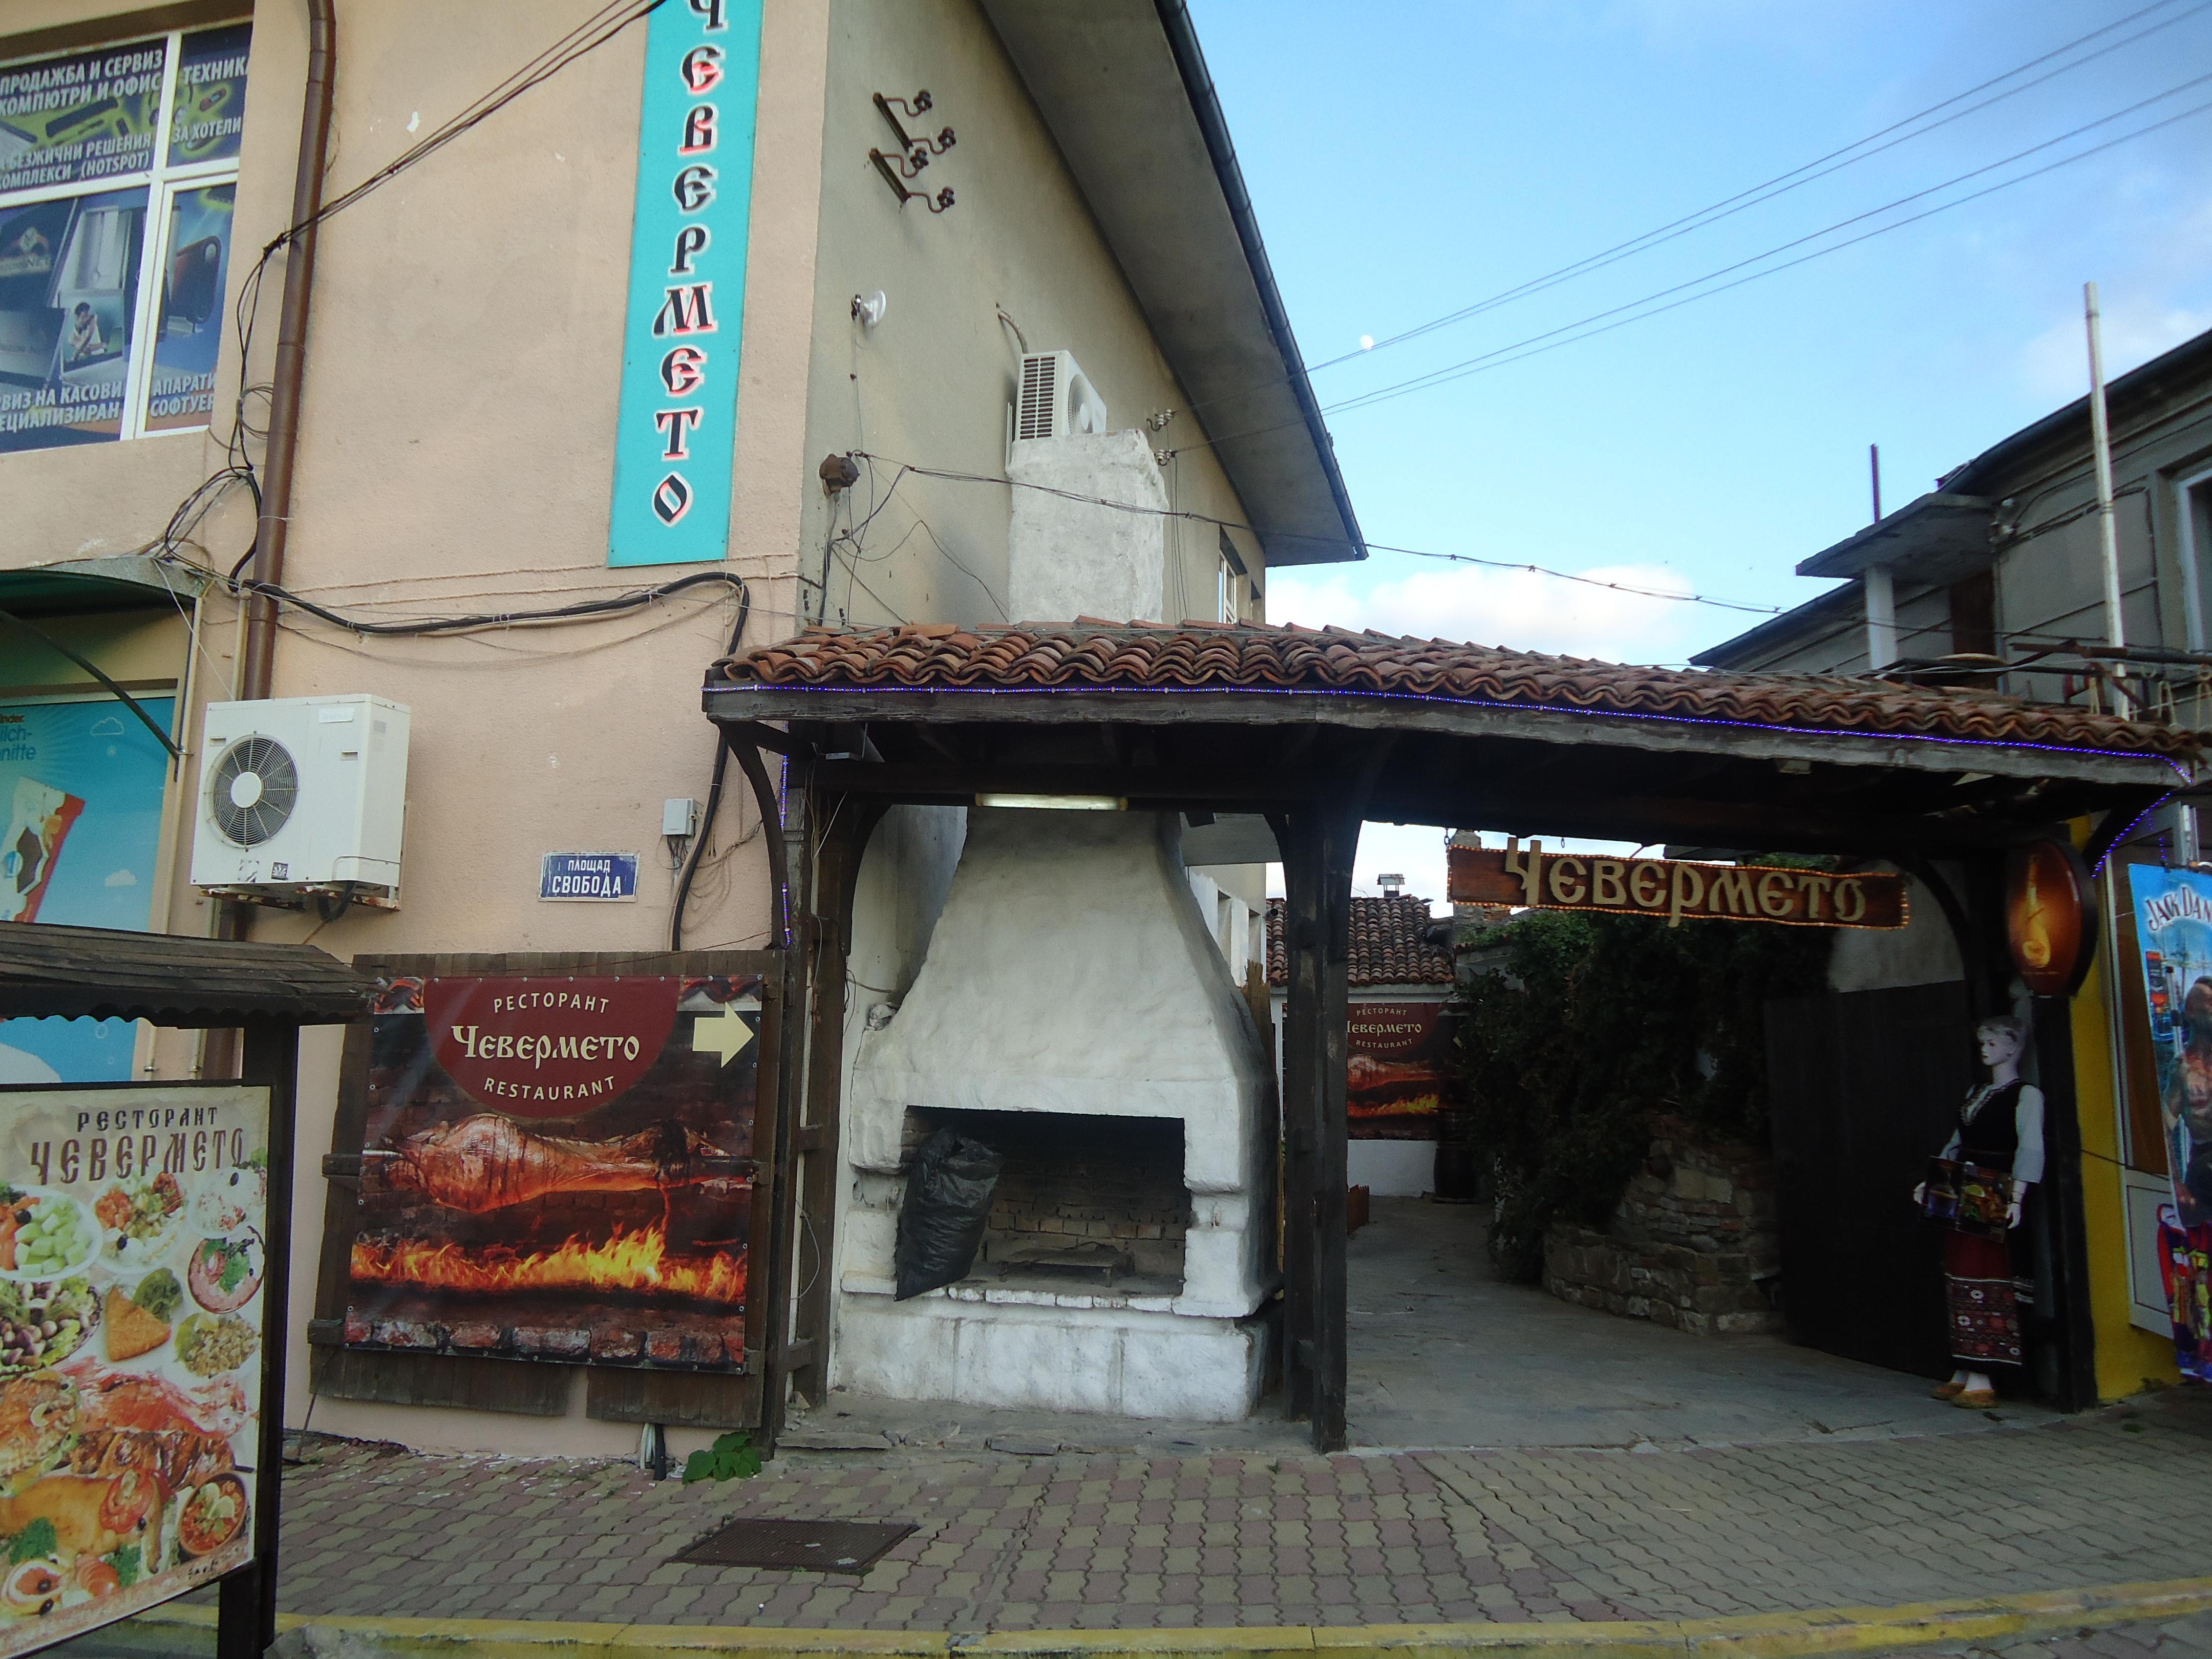 Ресторант Чевермето Обзор